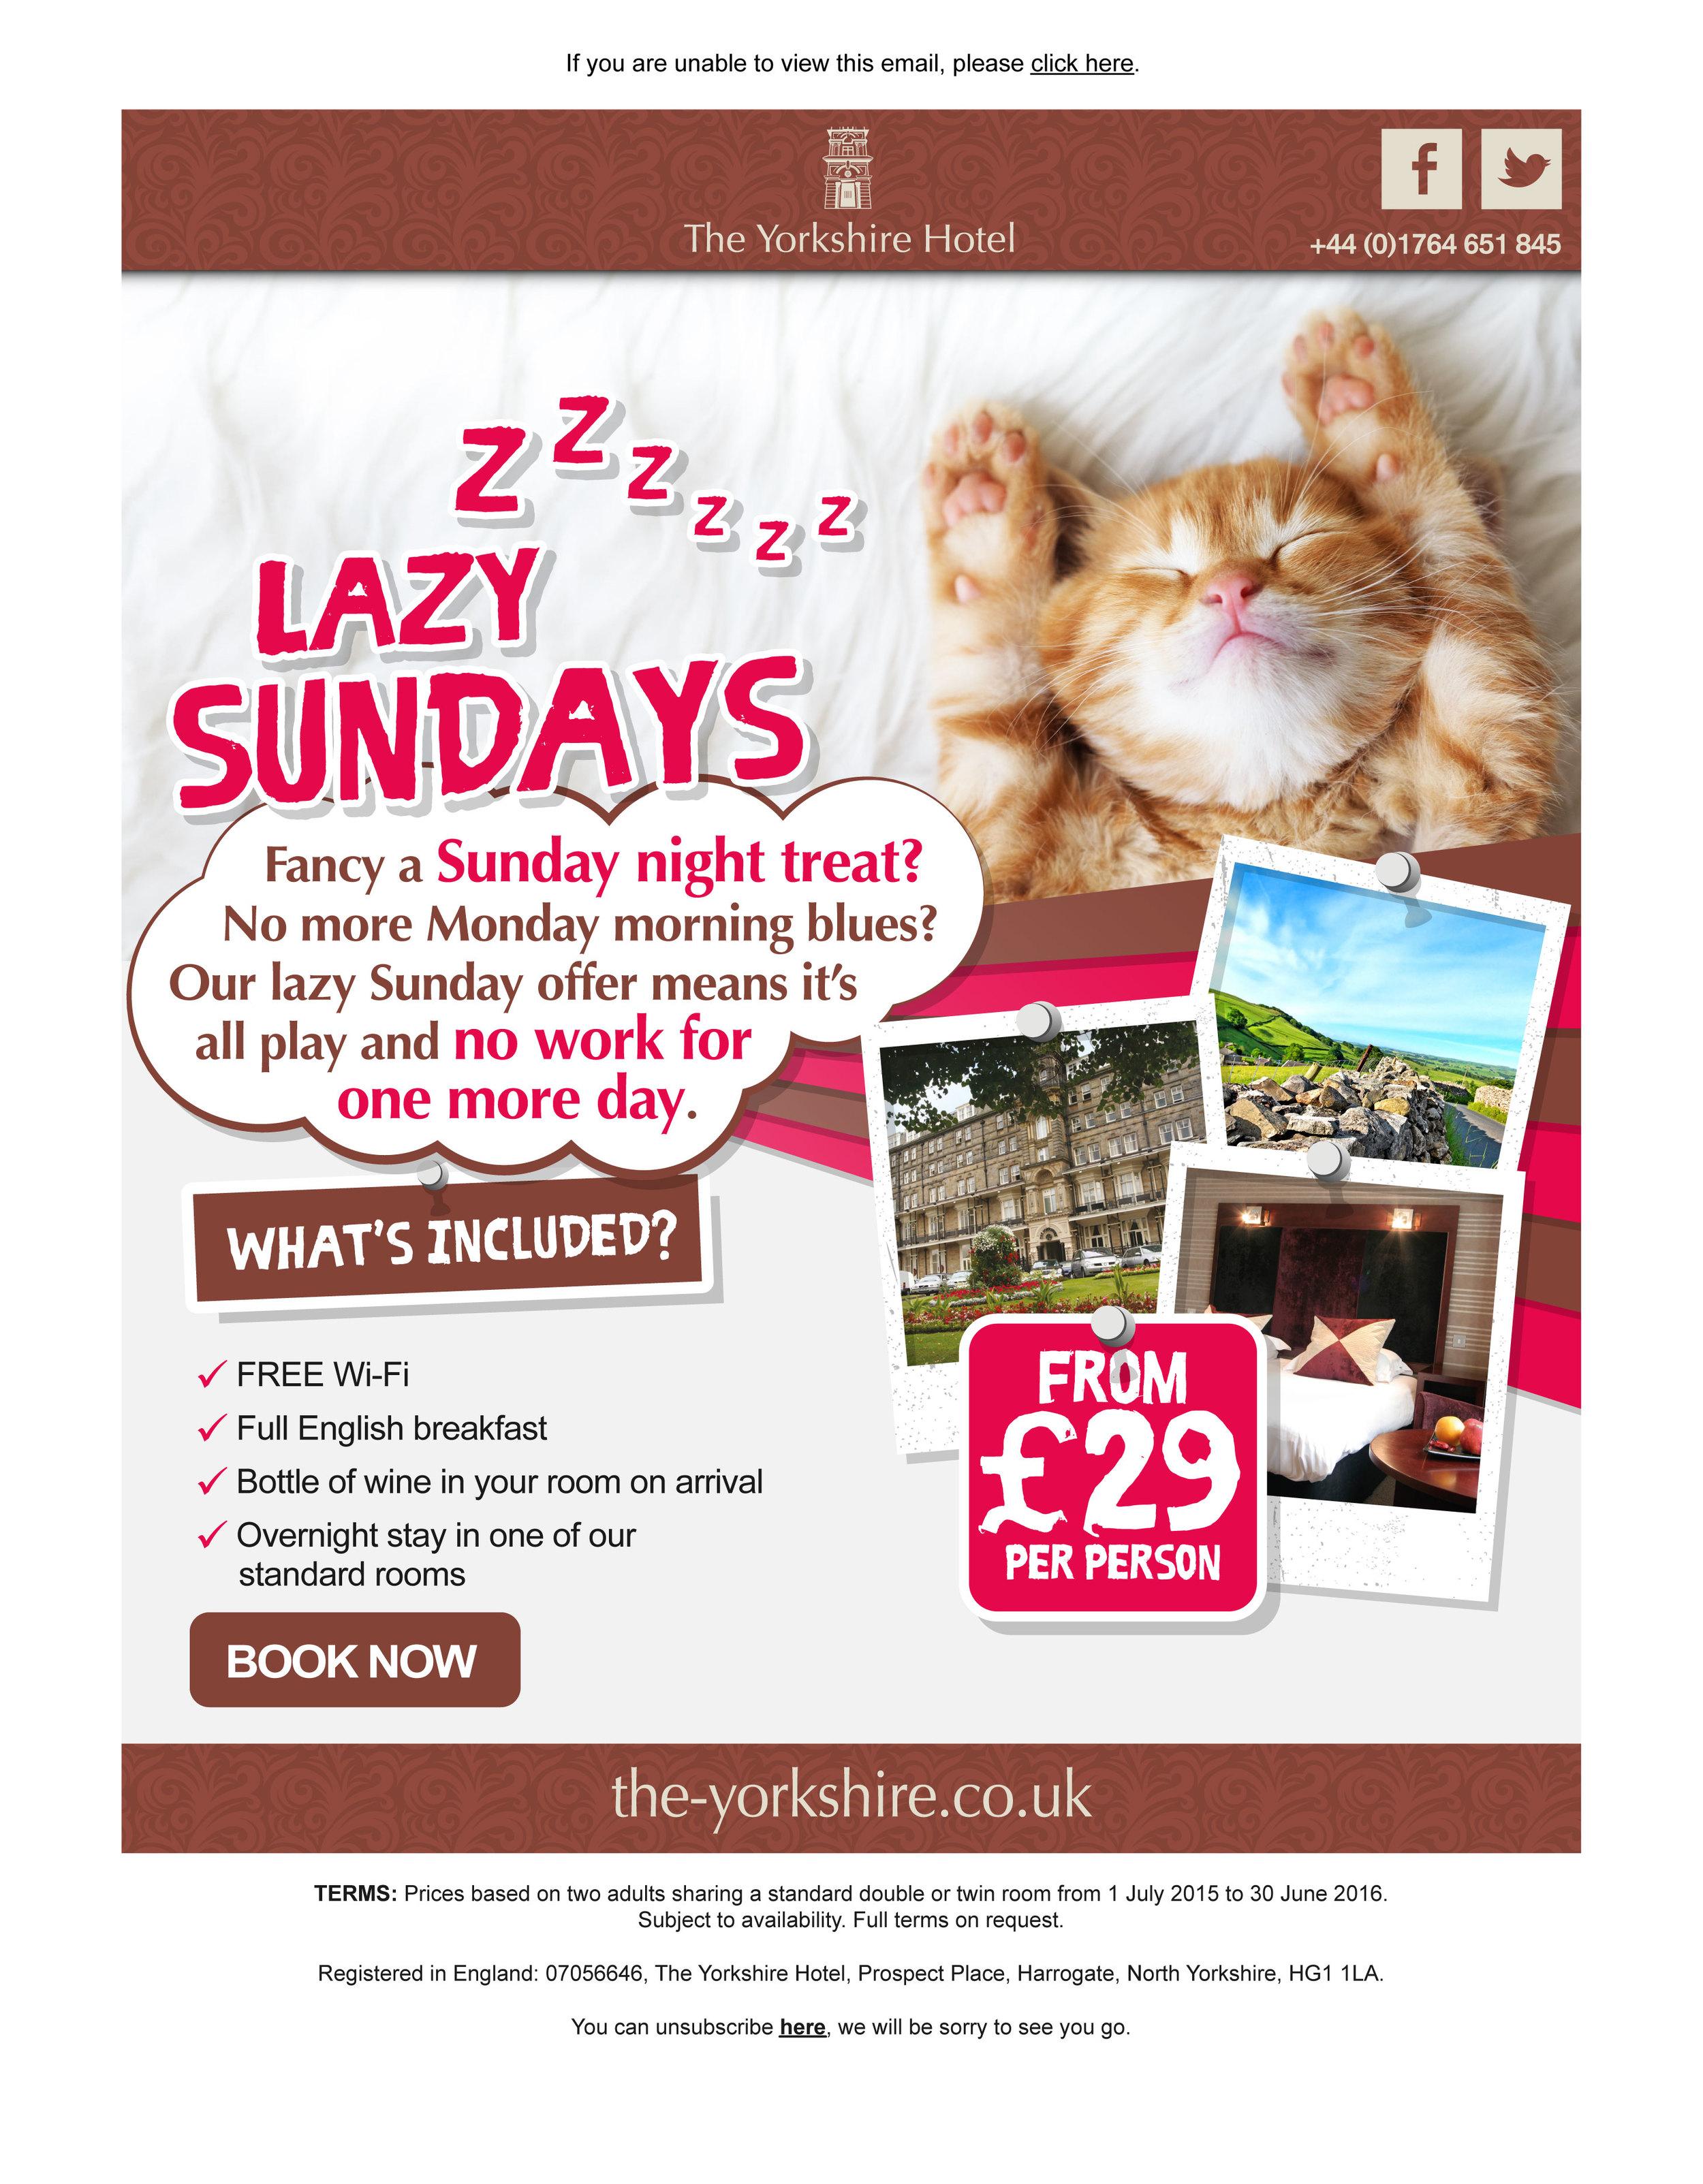 CH0597_LazySunday_Emails_2015_Yorkshire.jpg